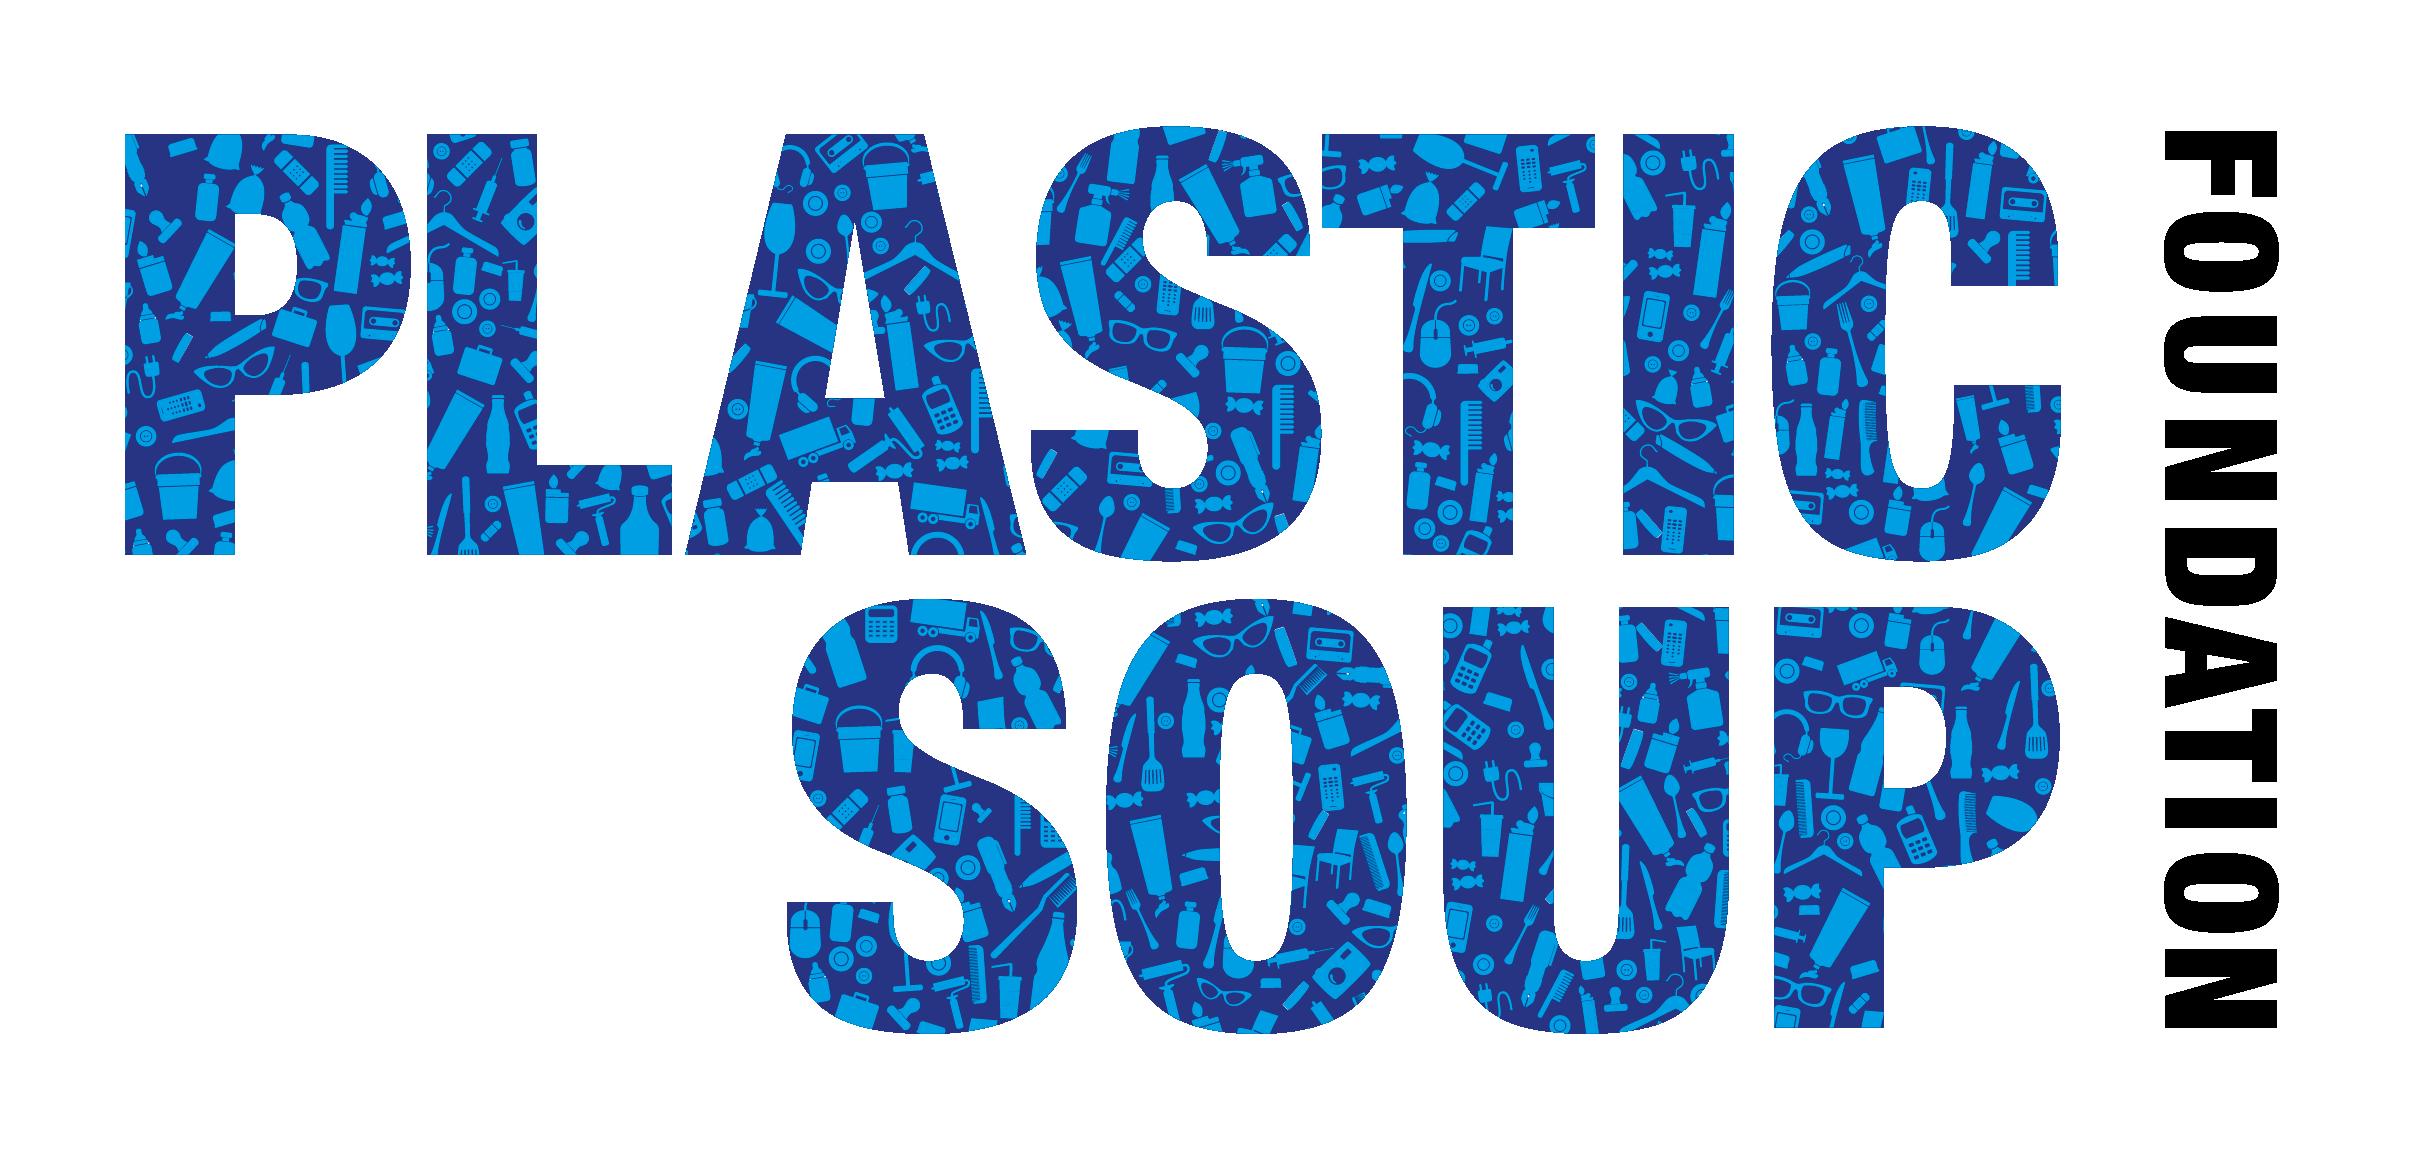 Plastic Soup enquête - Plastic Soup Foundation